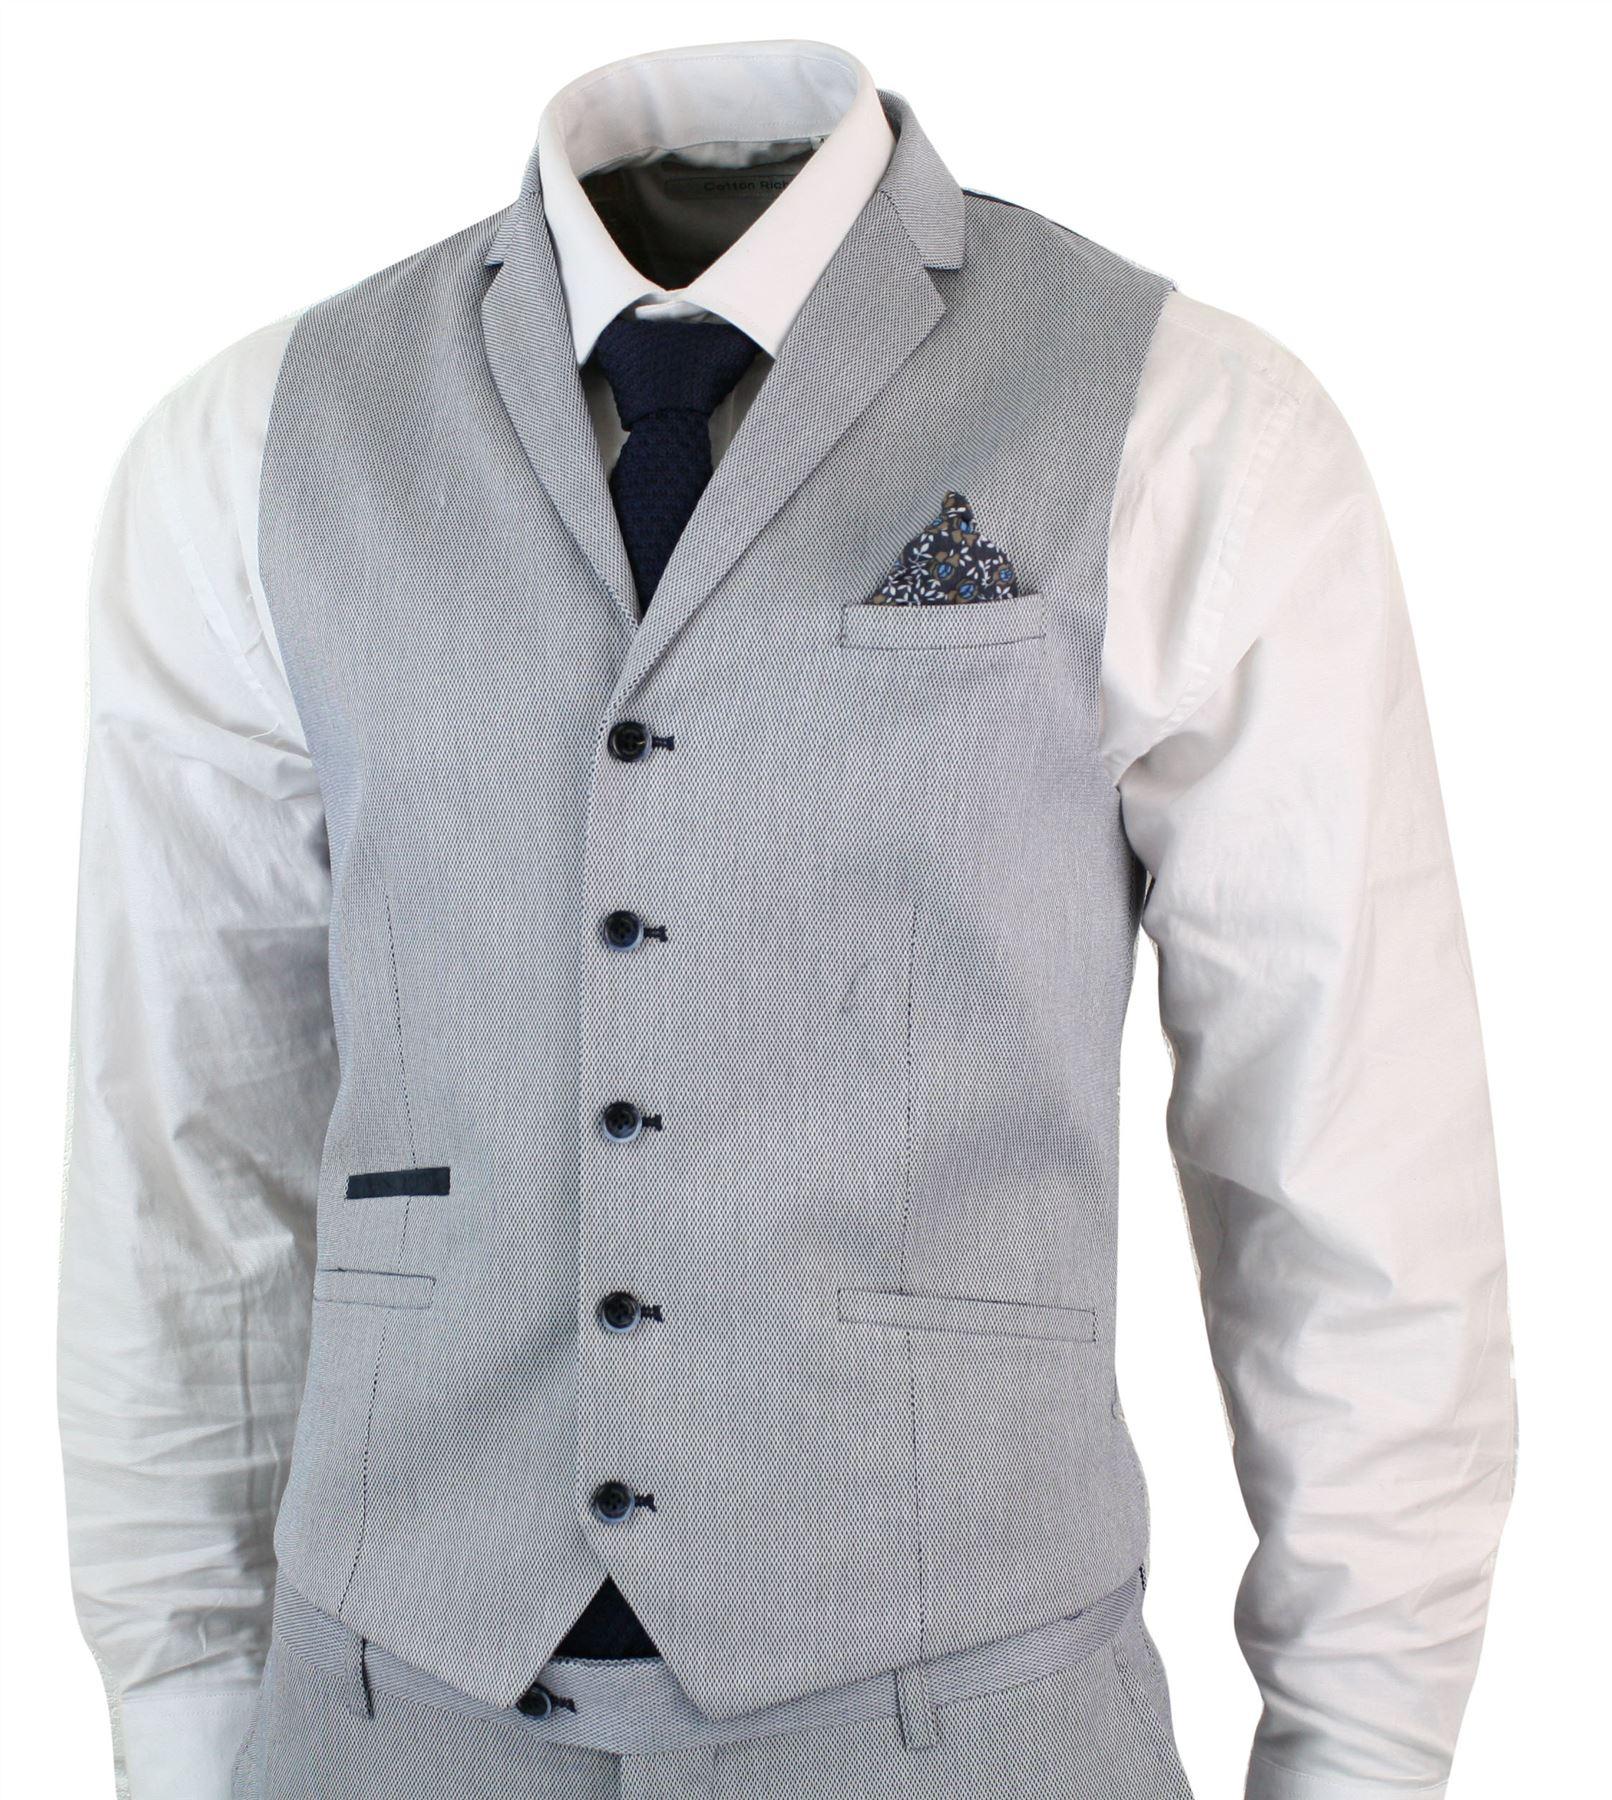 Herrenanzug Blau Grau Marineblau 3 Teilig Eng Tailliert Designer   eBay 2e3513f35a